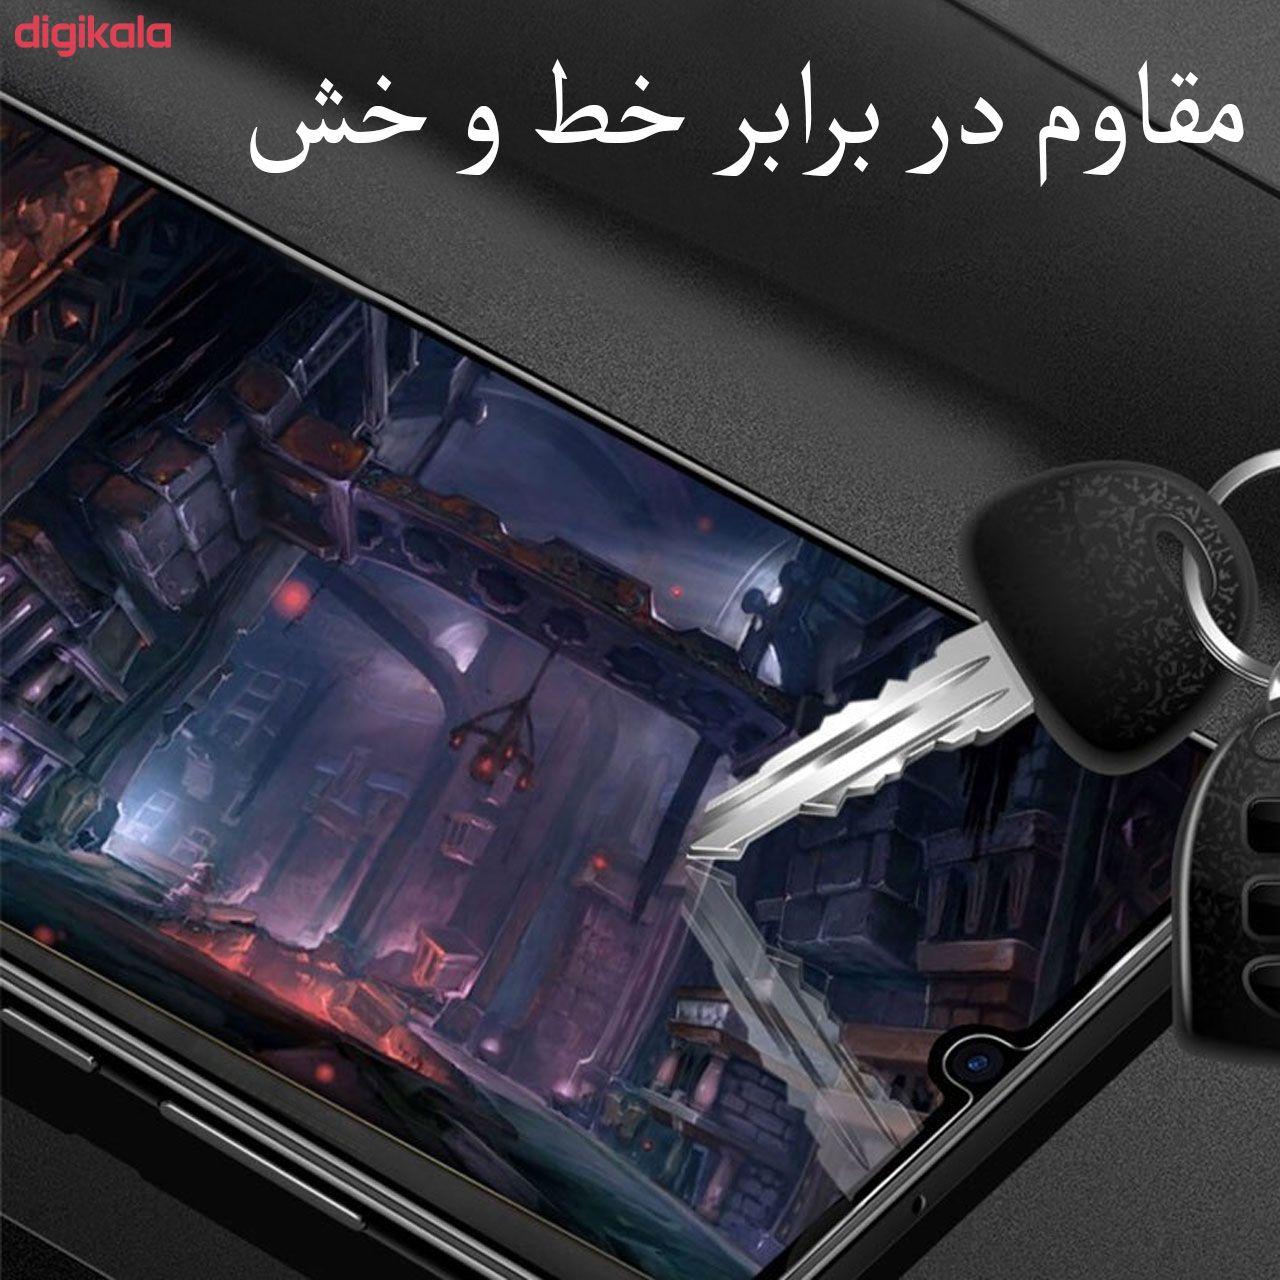 محافظ صفحه نمایش مدل FCG مناسب برای گوشی موبایل سامسونگ Galaxy M20 بسته سه عددی main 1 9